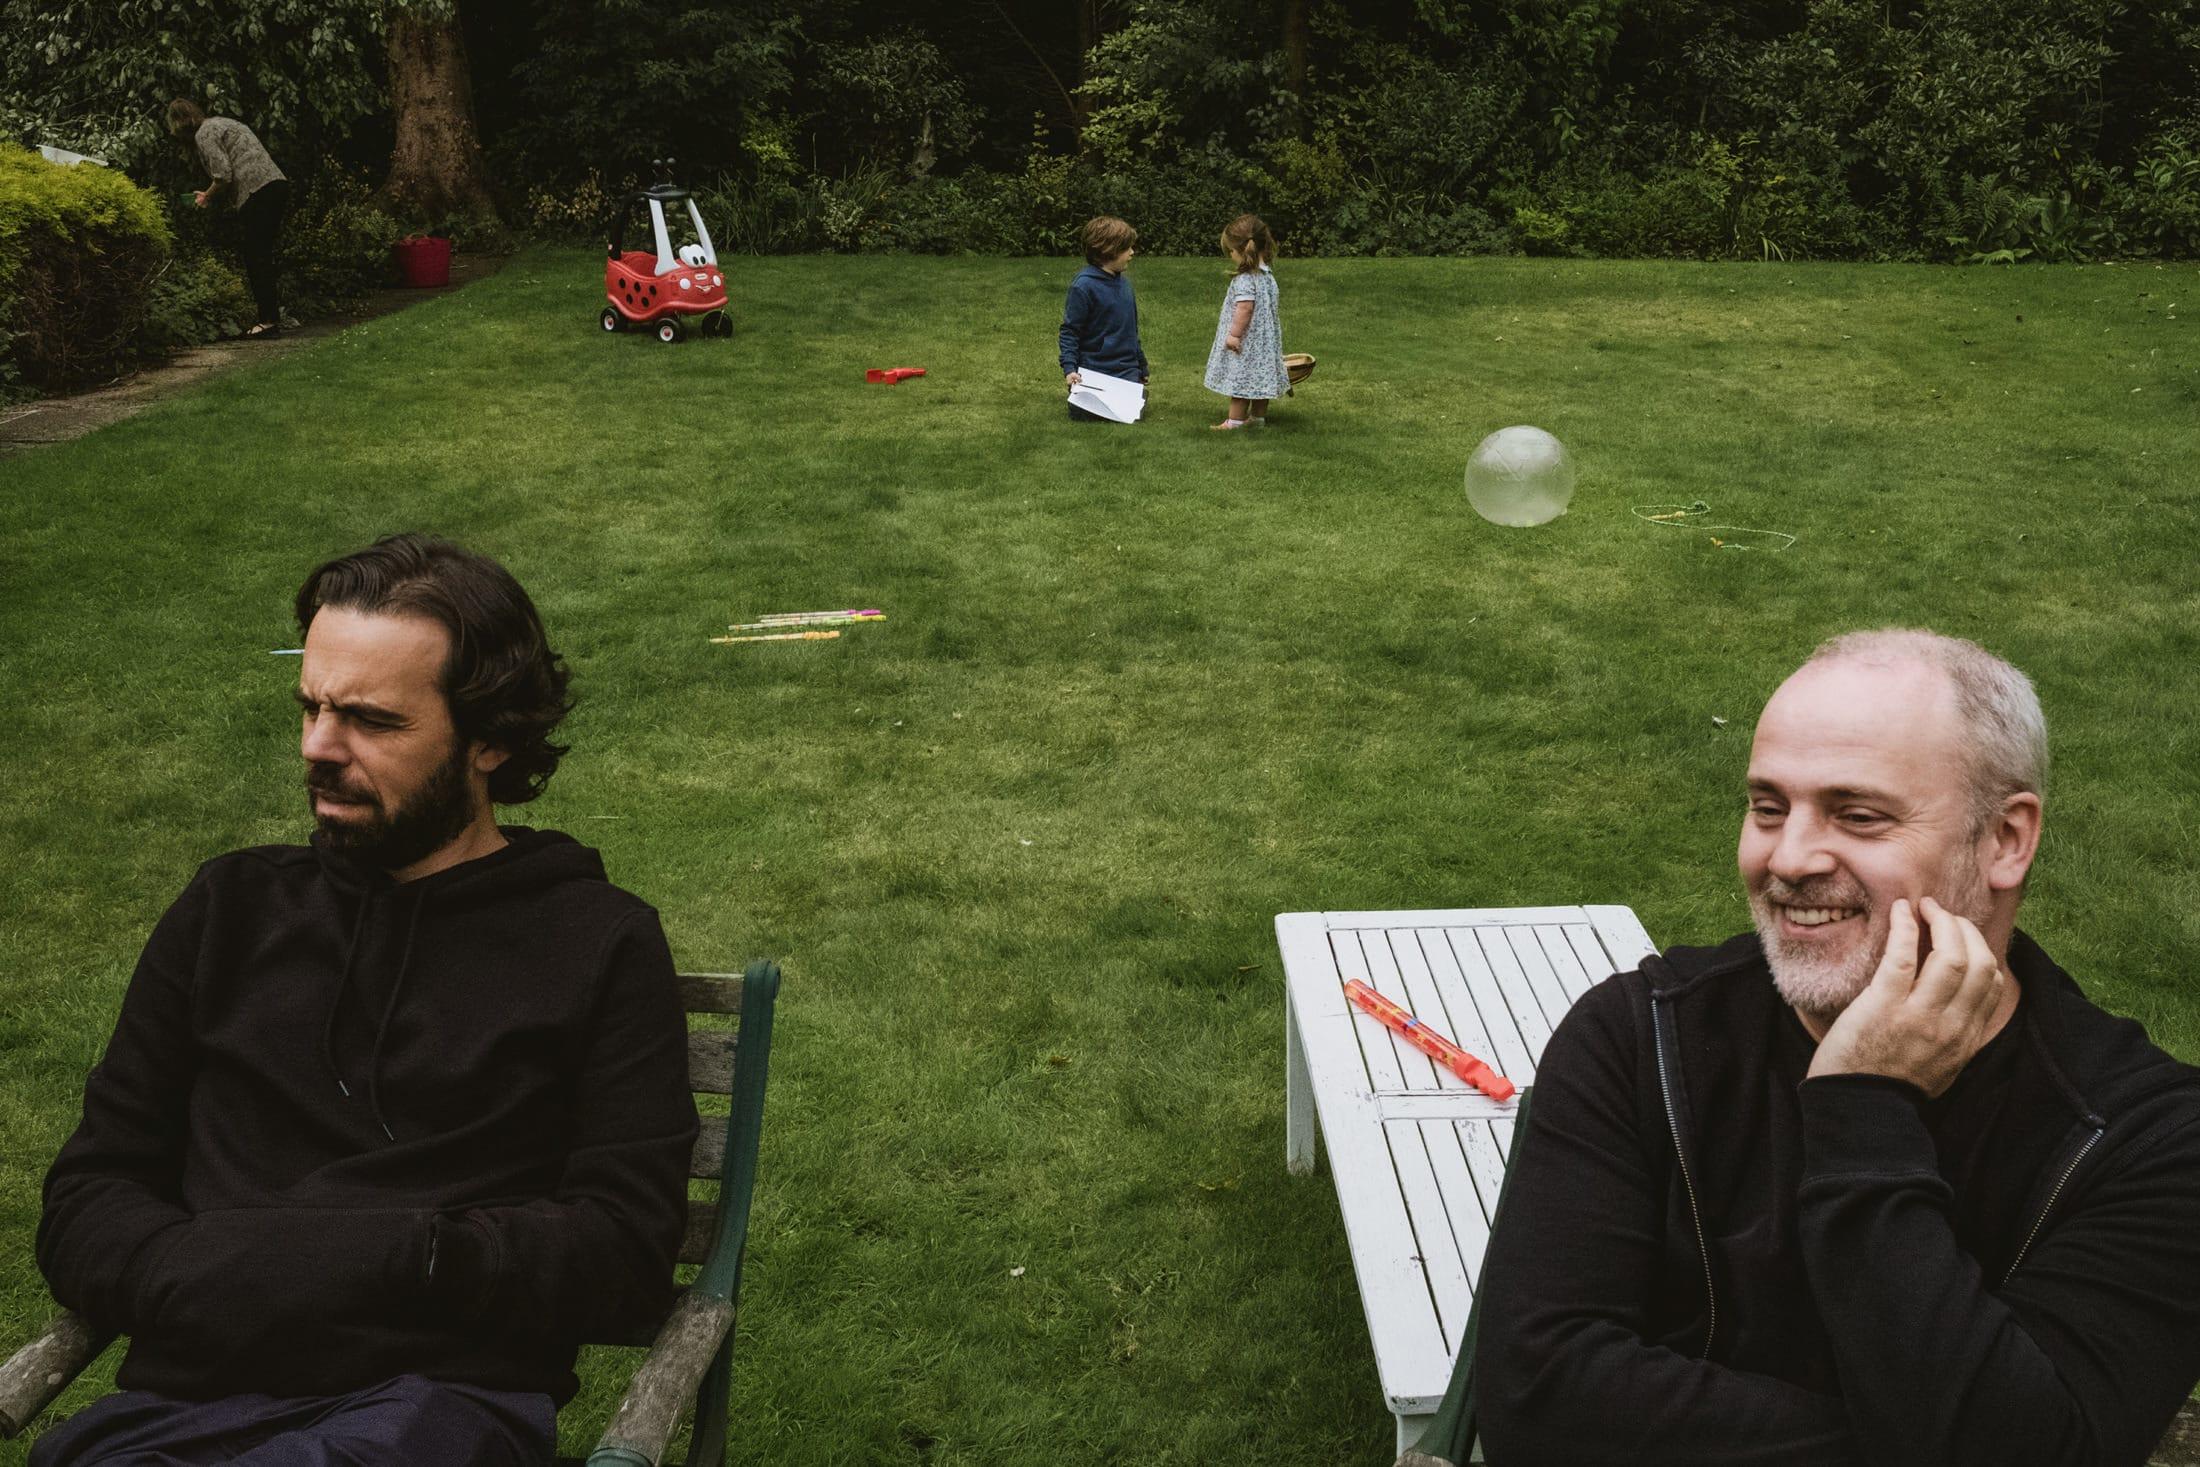 adults in garden, children talking